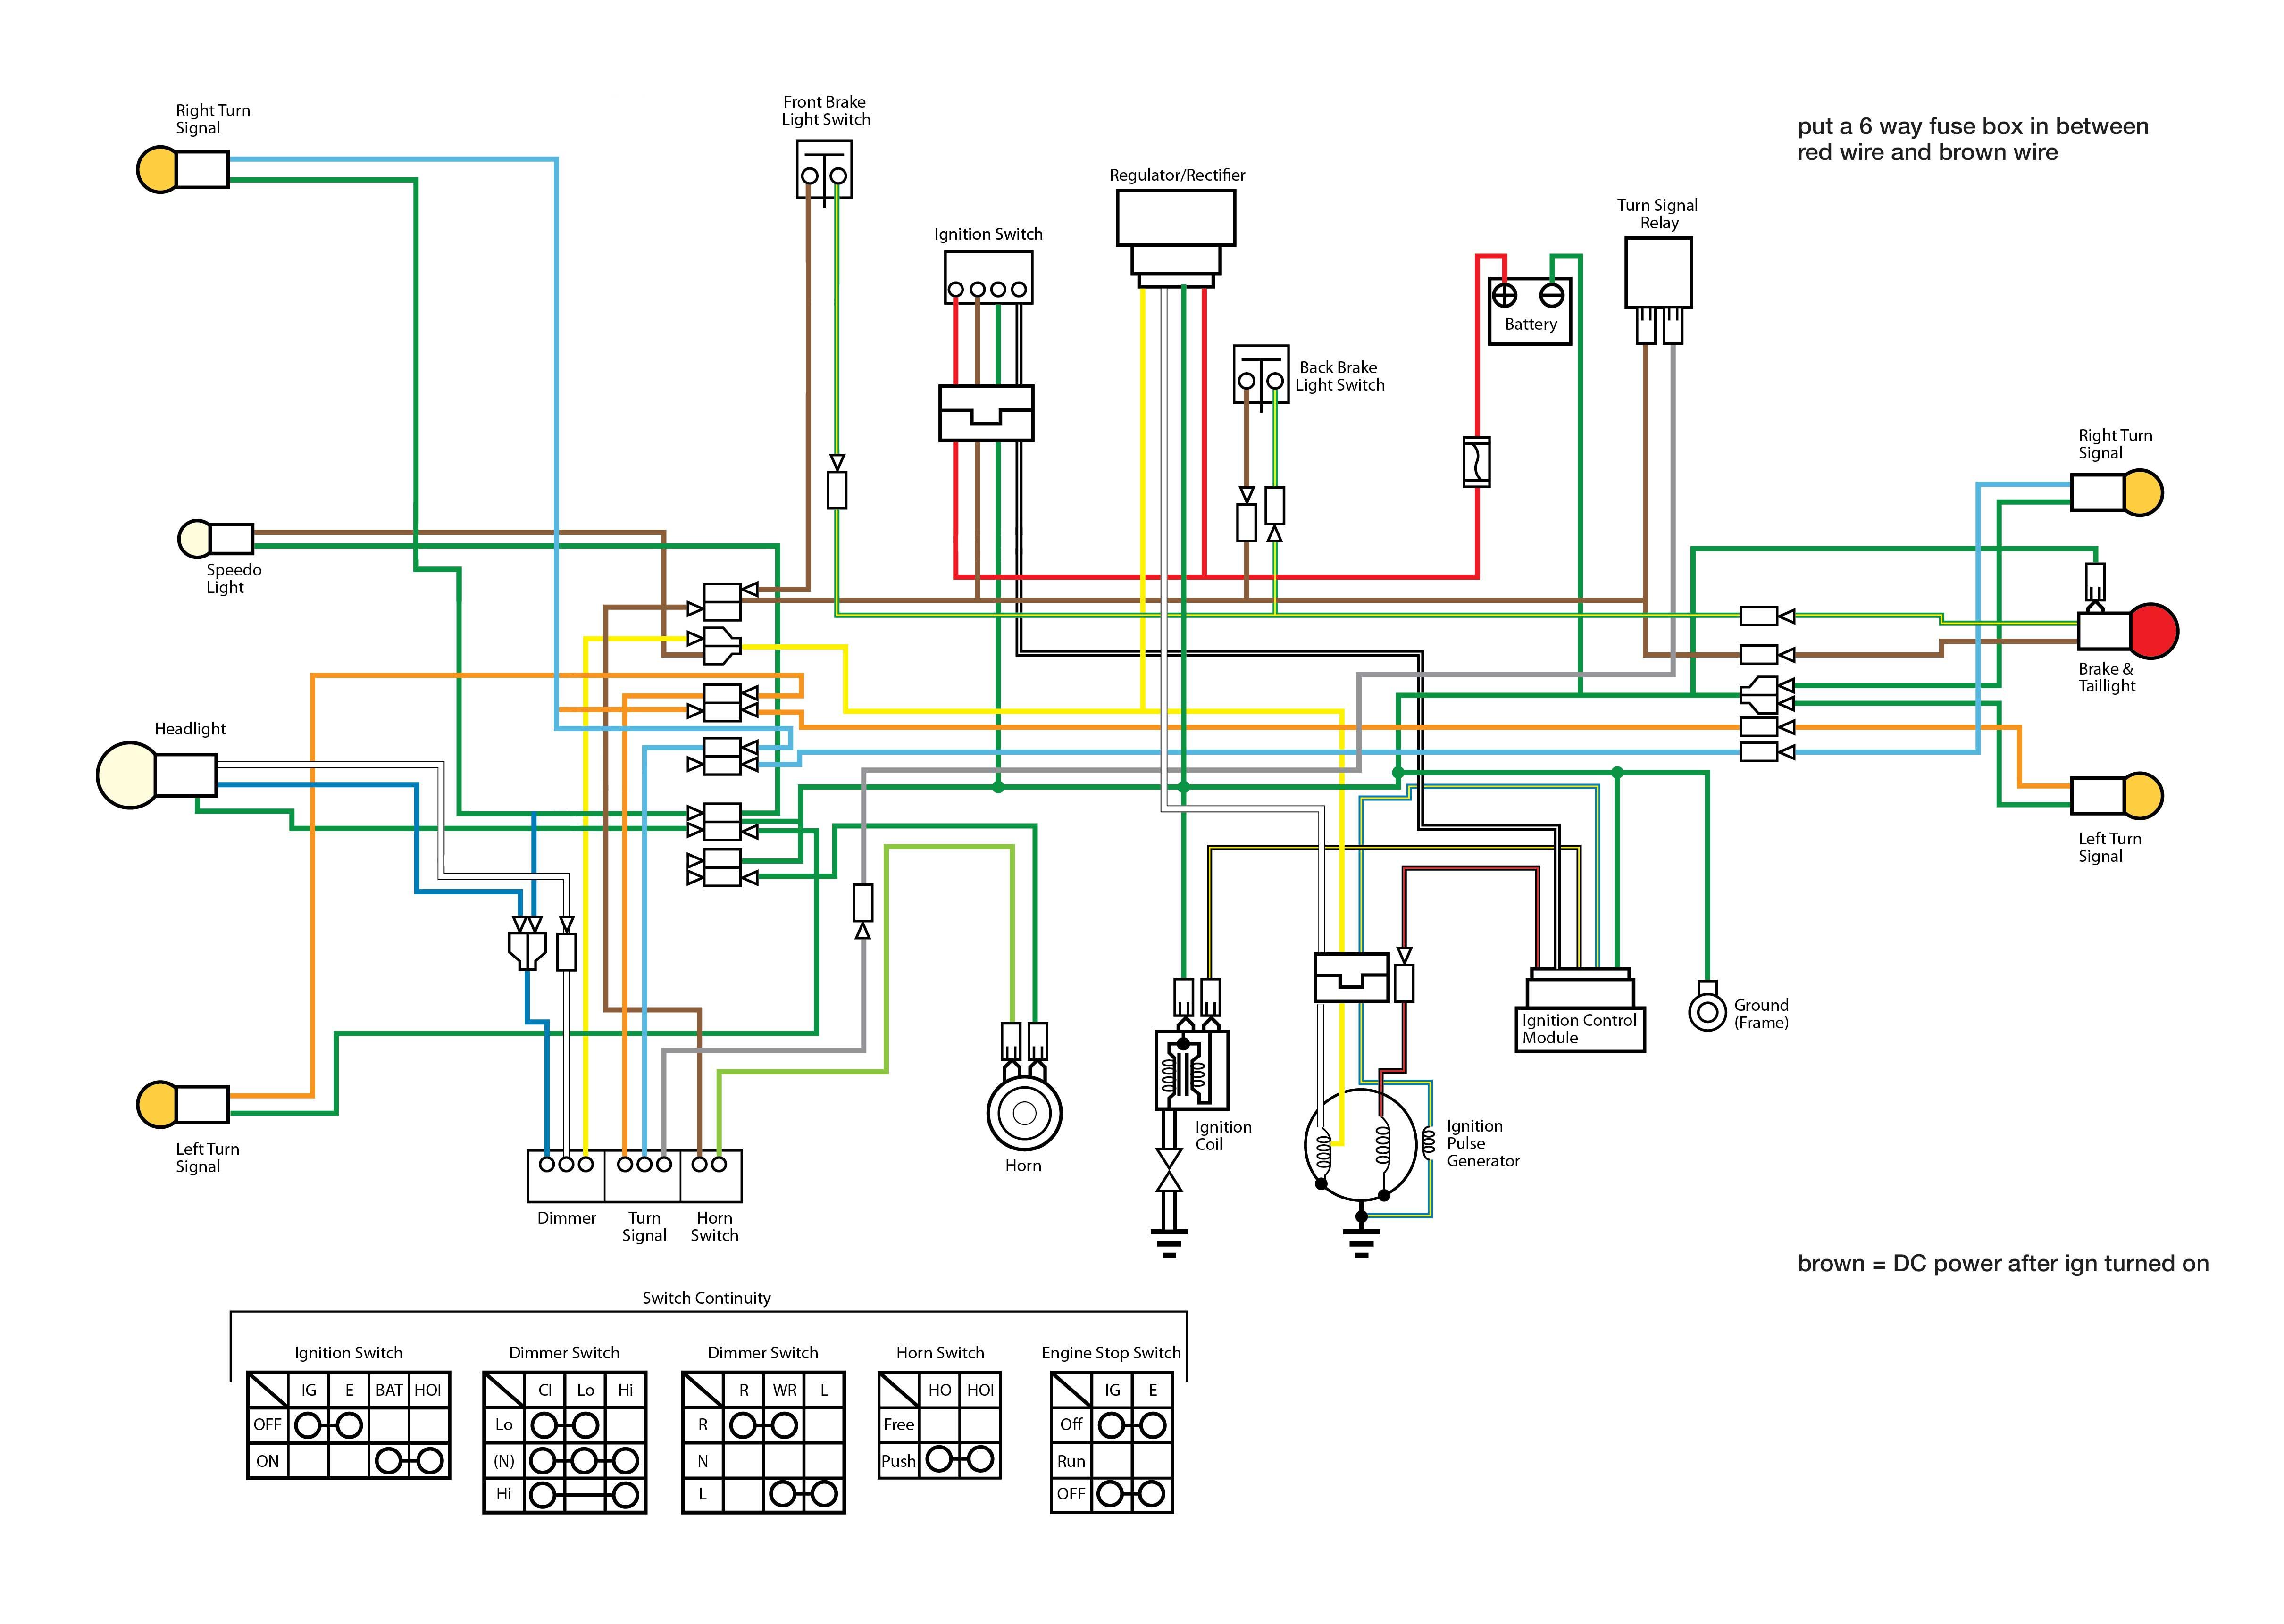 Lifan 140cc Wiring Diagram 125cc 150cc Engine 125 160cc On 200cc Dhz Motor